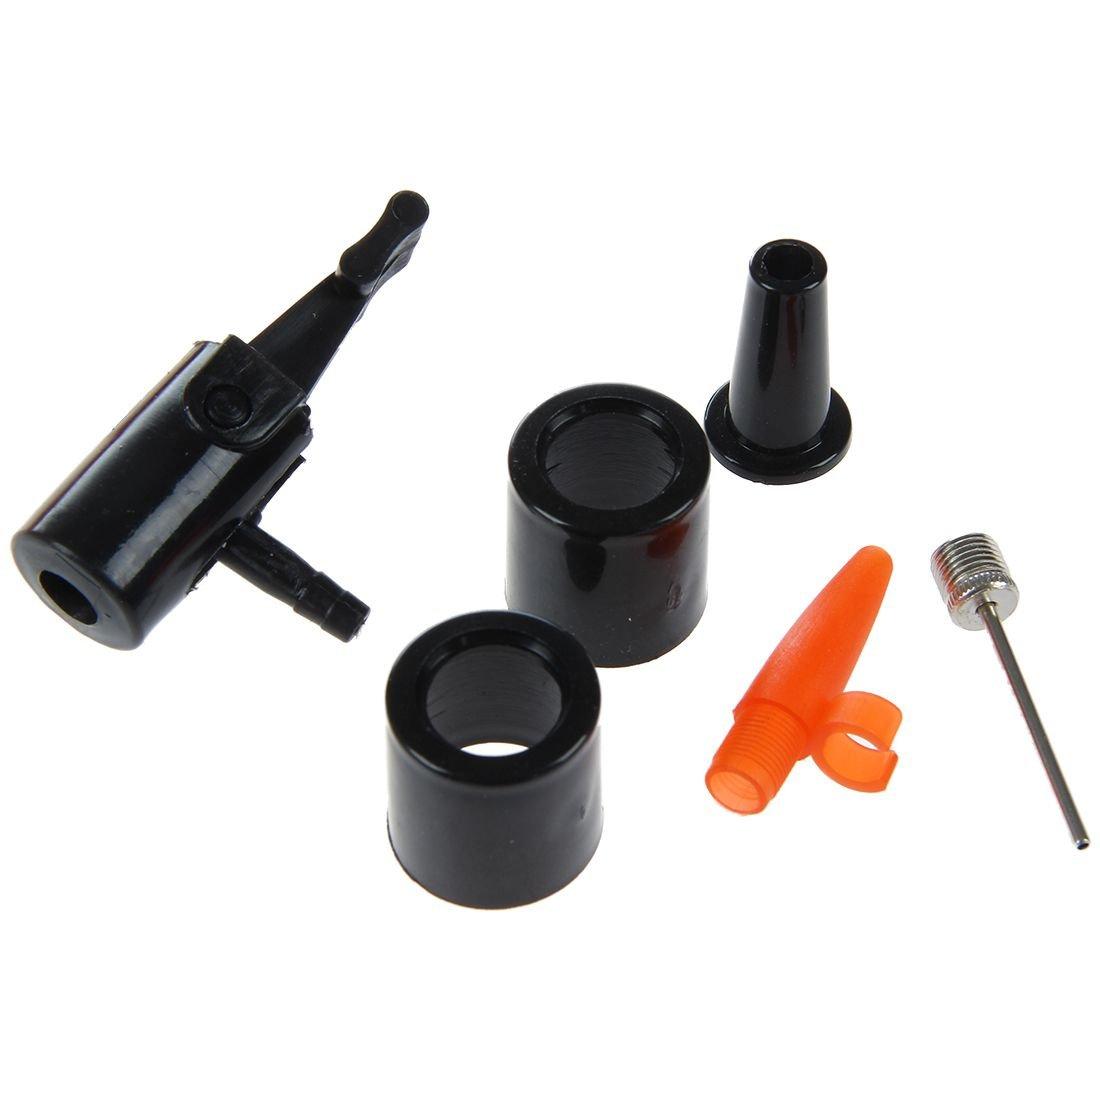 Toogoo Car Water Oil Fuel Change Transfer Gas Liquid Pipe Siphon Tool Air Pump Kit by Toogoo (Image #2)